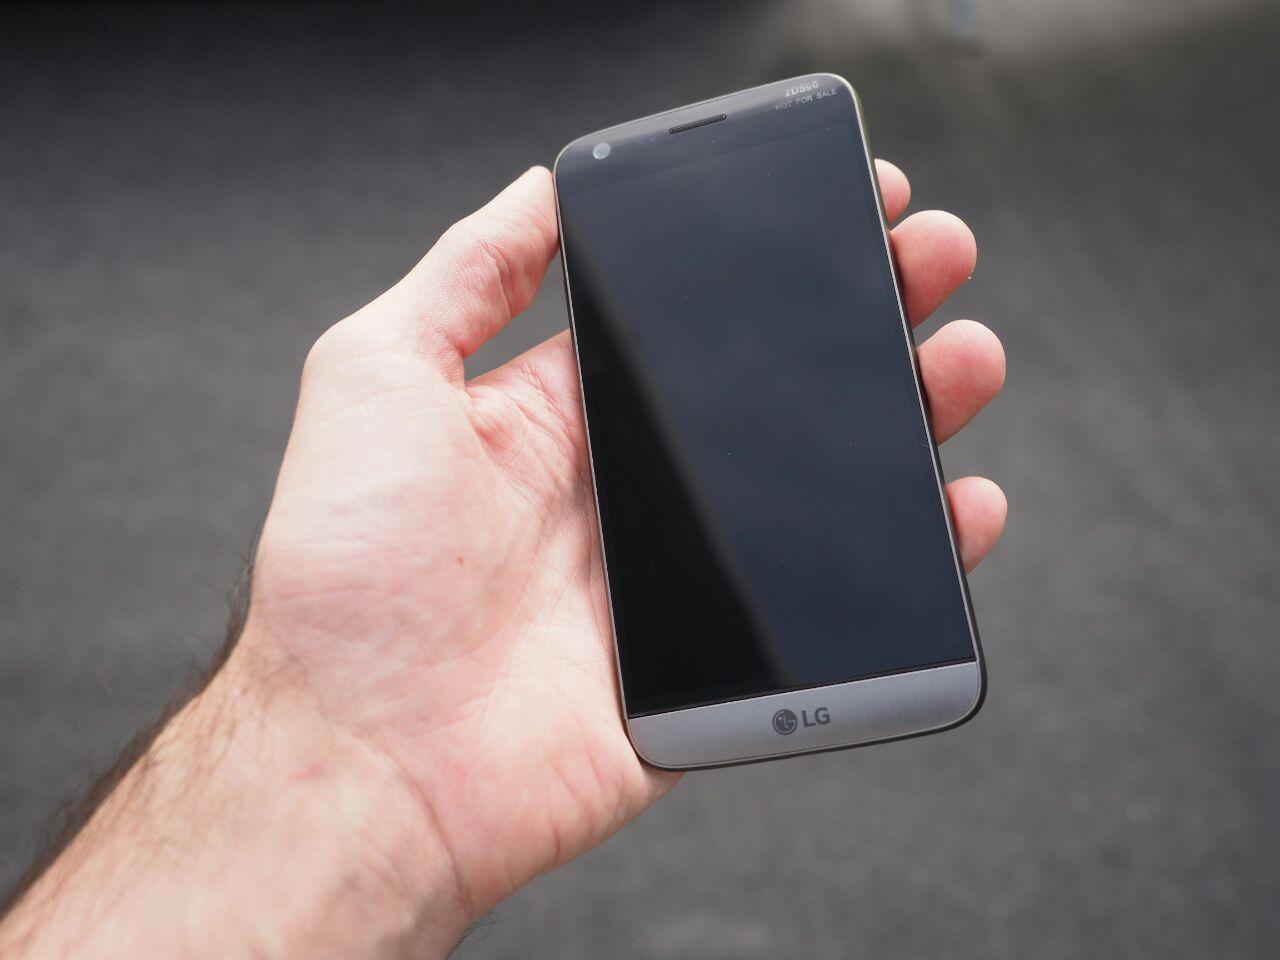 El teléfono estrella de LG (LG G5) ha llegado